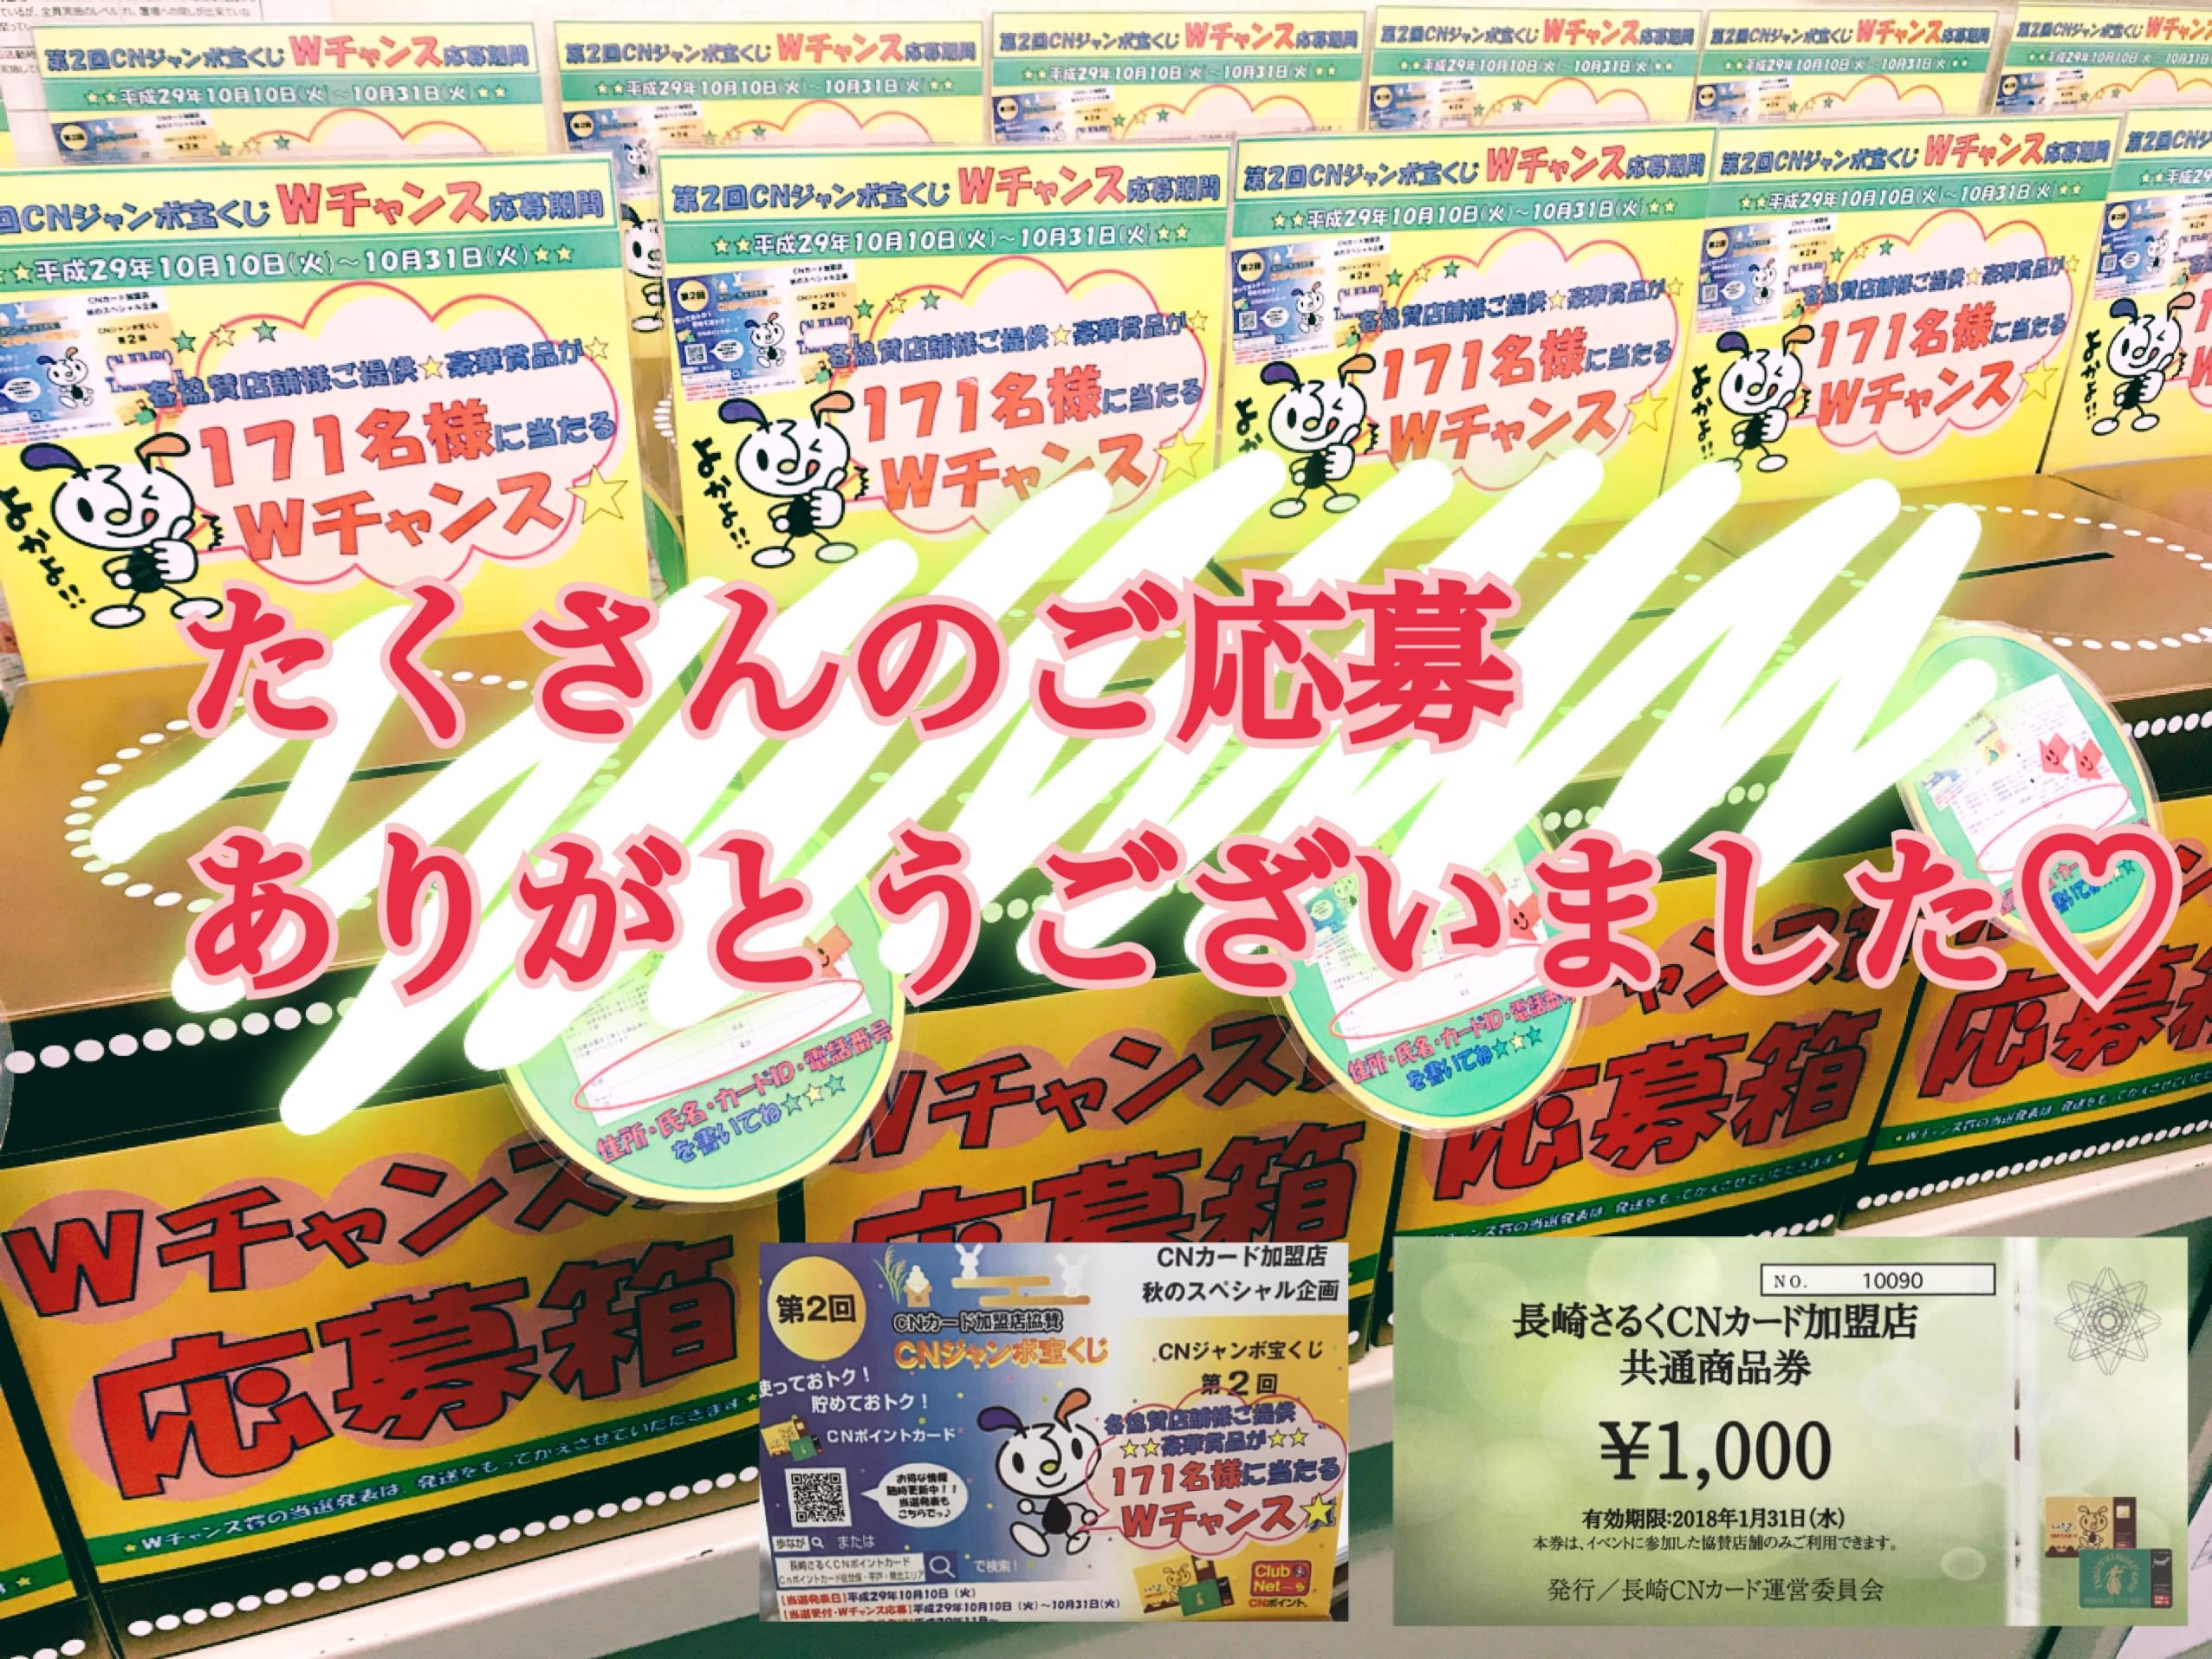 『第2回CNジャンボ宝くじ』Wチャンス賞発送しました📮